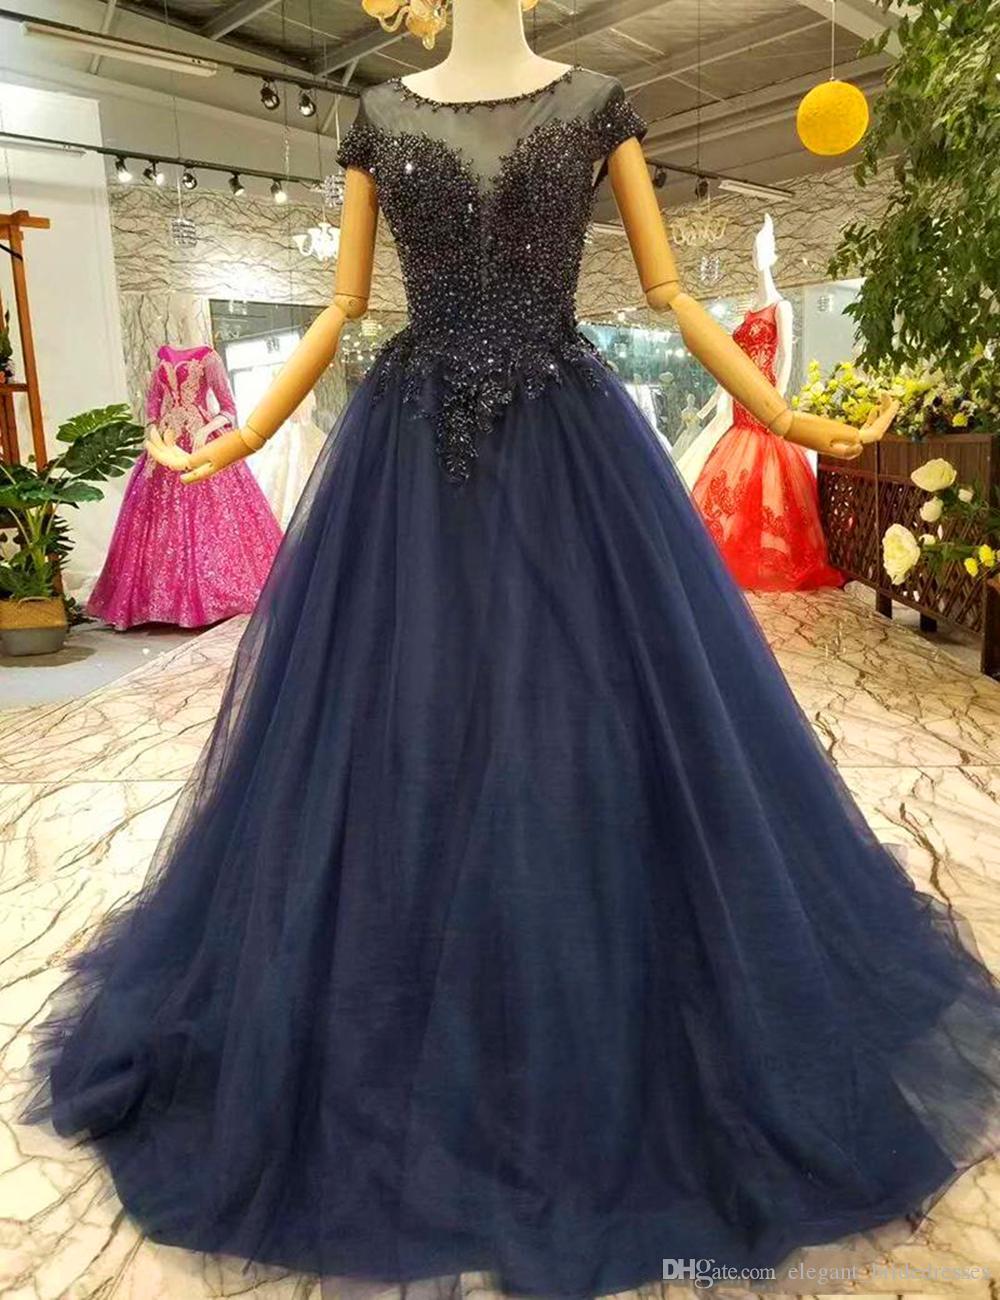 2019 pas cher simples robes de soirée longues col rond manches courtes lacets une mère de la robe de mariée robe marine bleu perlé robes de soirée de bal d'étudiants